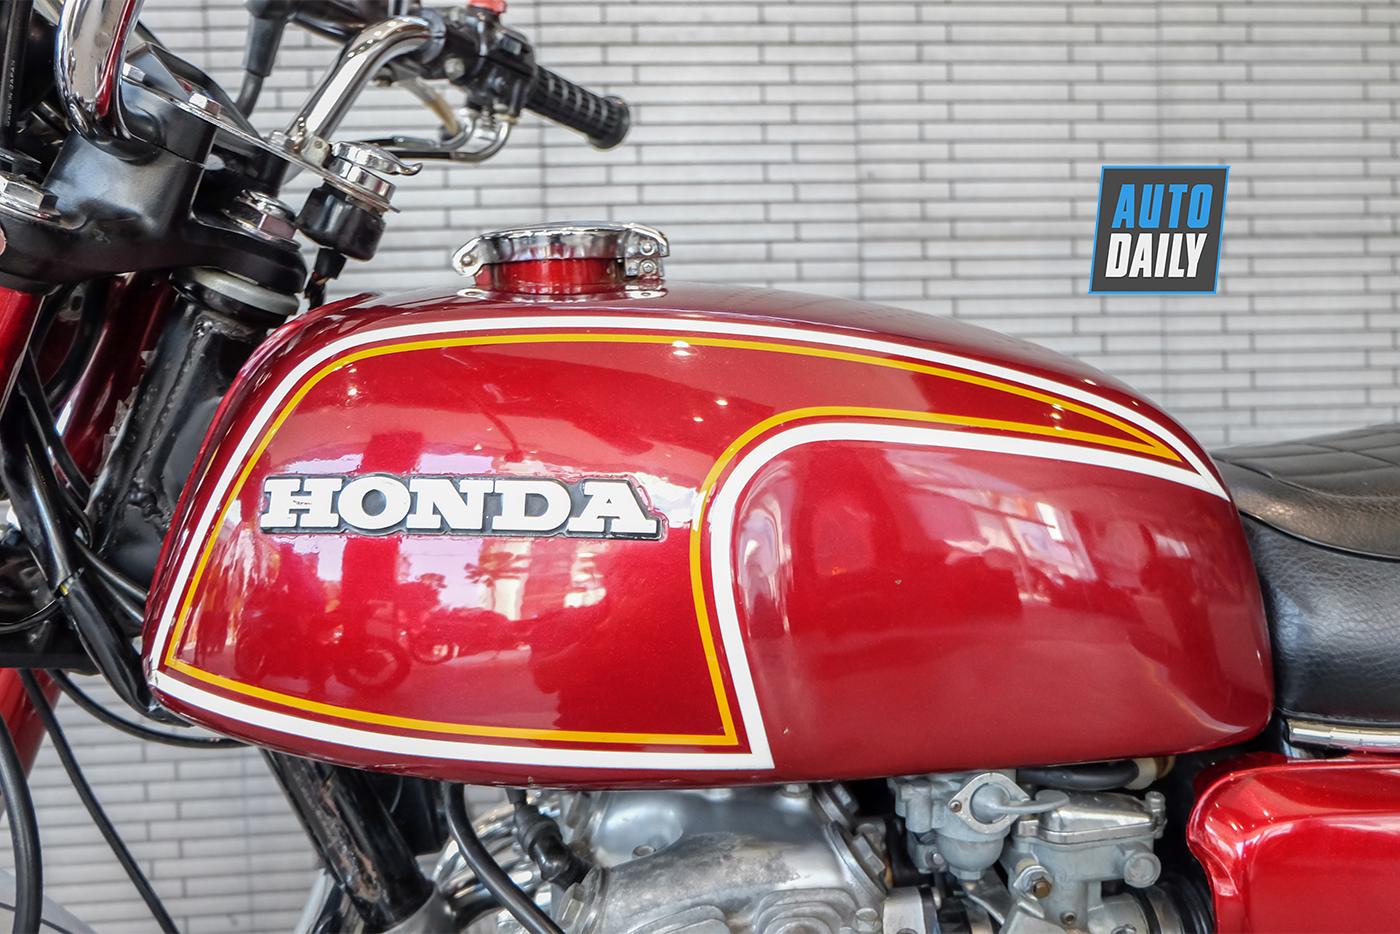 honda-cb350f-26.jpg